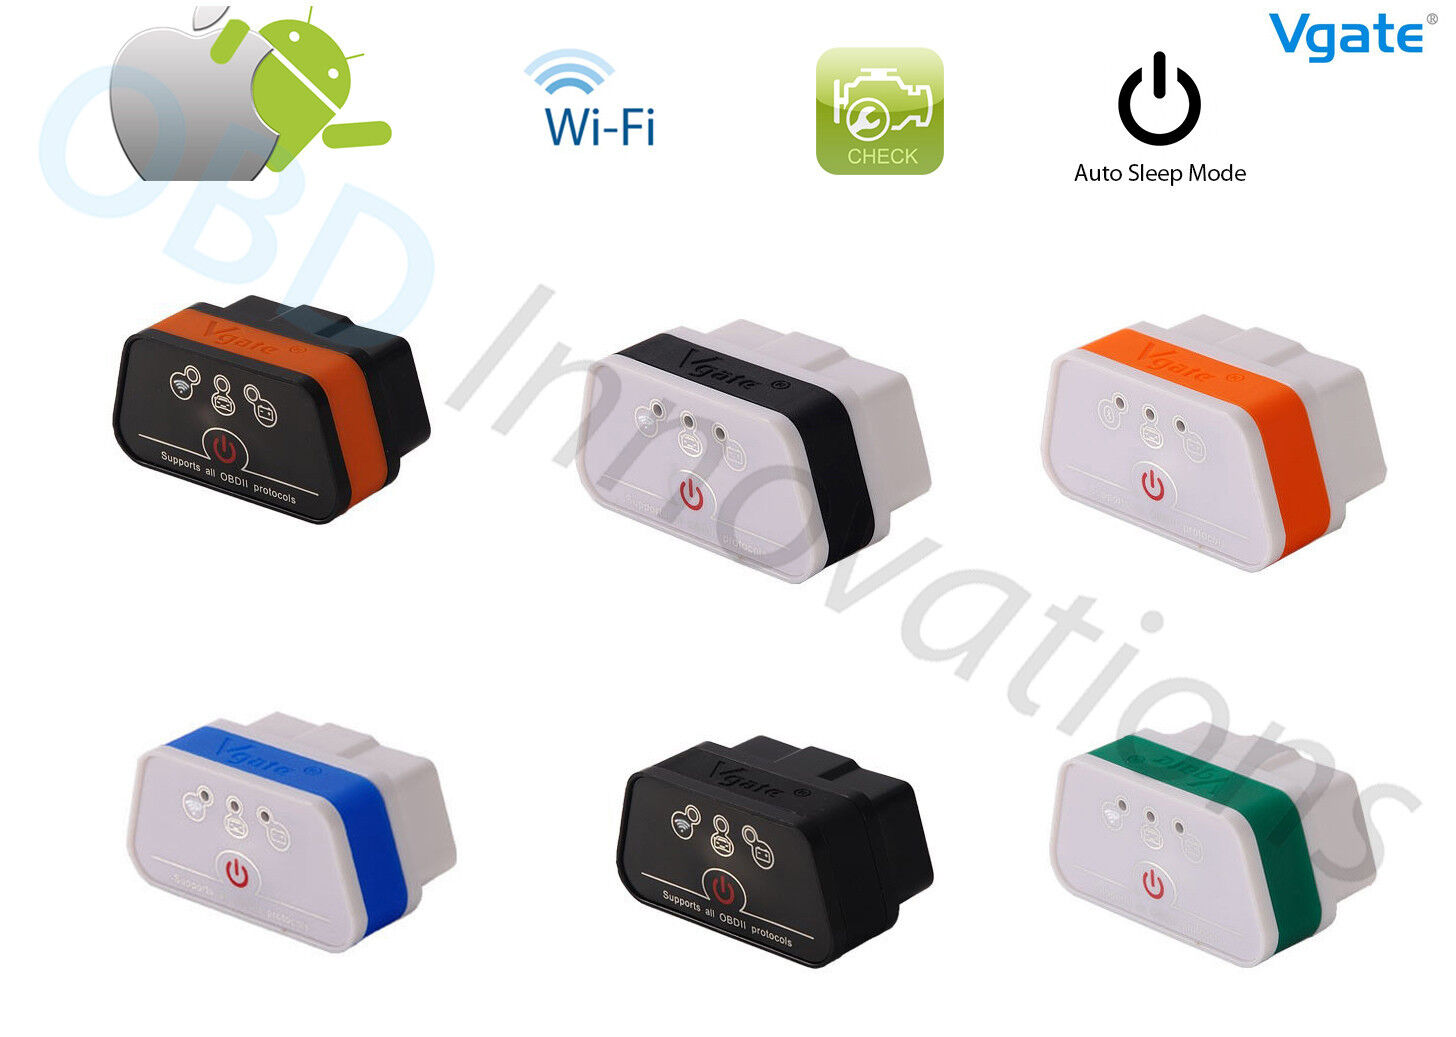 Vgate Icar 2 Elm327 Wifi Obd2 Car Diagnostic Scanner + Sm...